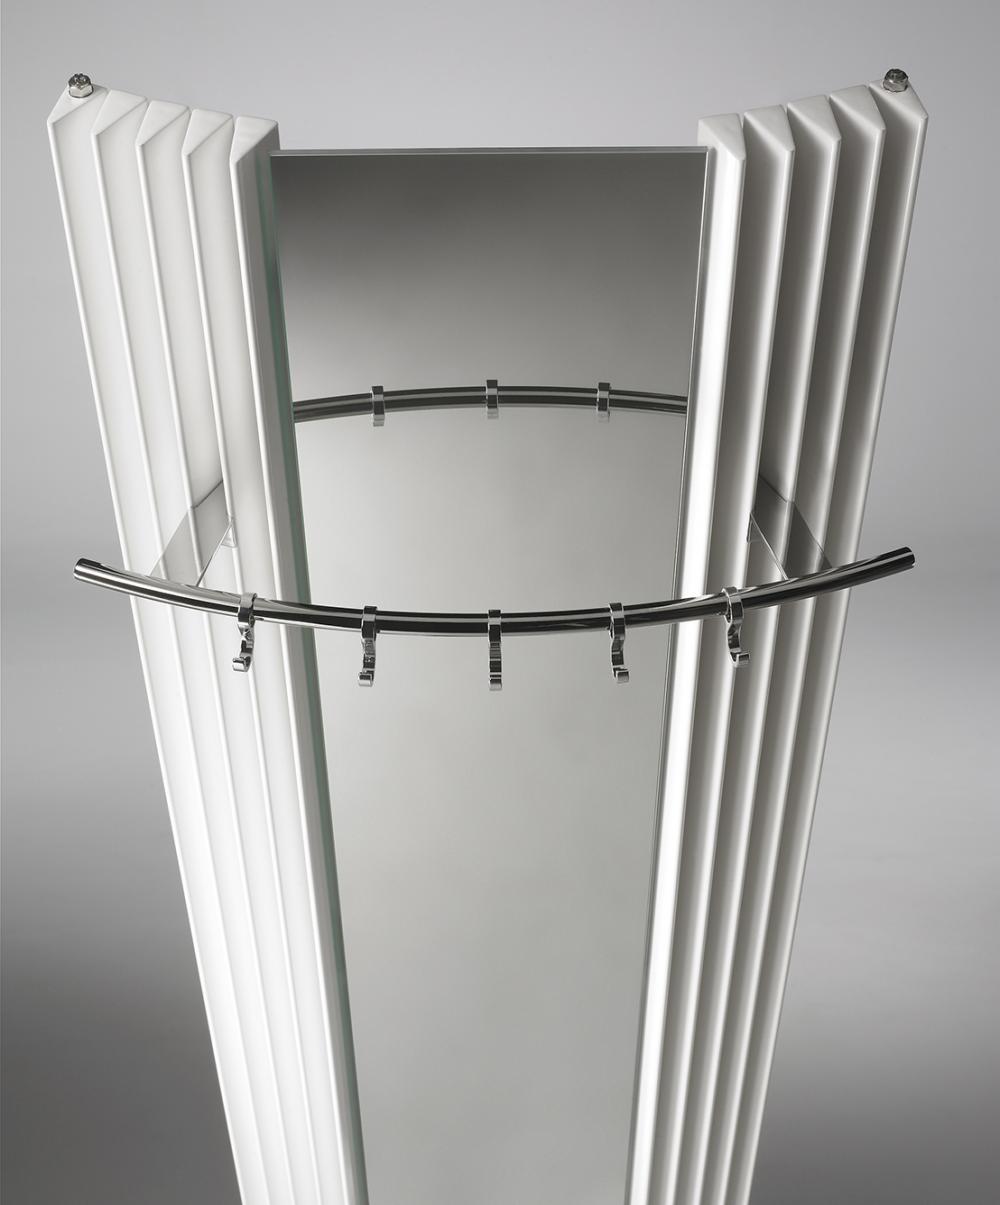 Calorifer cu oglinda Jaga Iguana Visio 2200x519 mm, 780 W